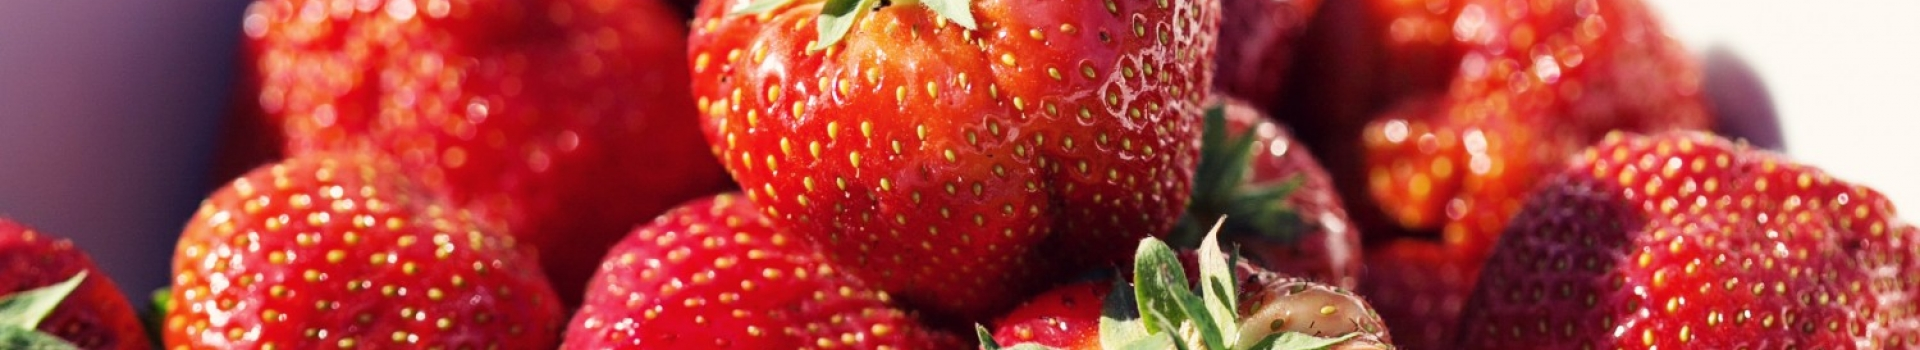 بهترین نوع بوته توت فرنگی چهارفصل کدام است ؟